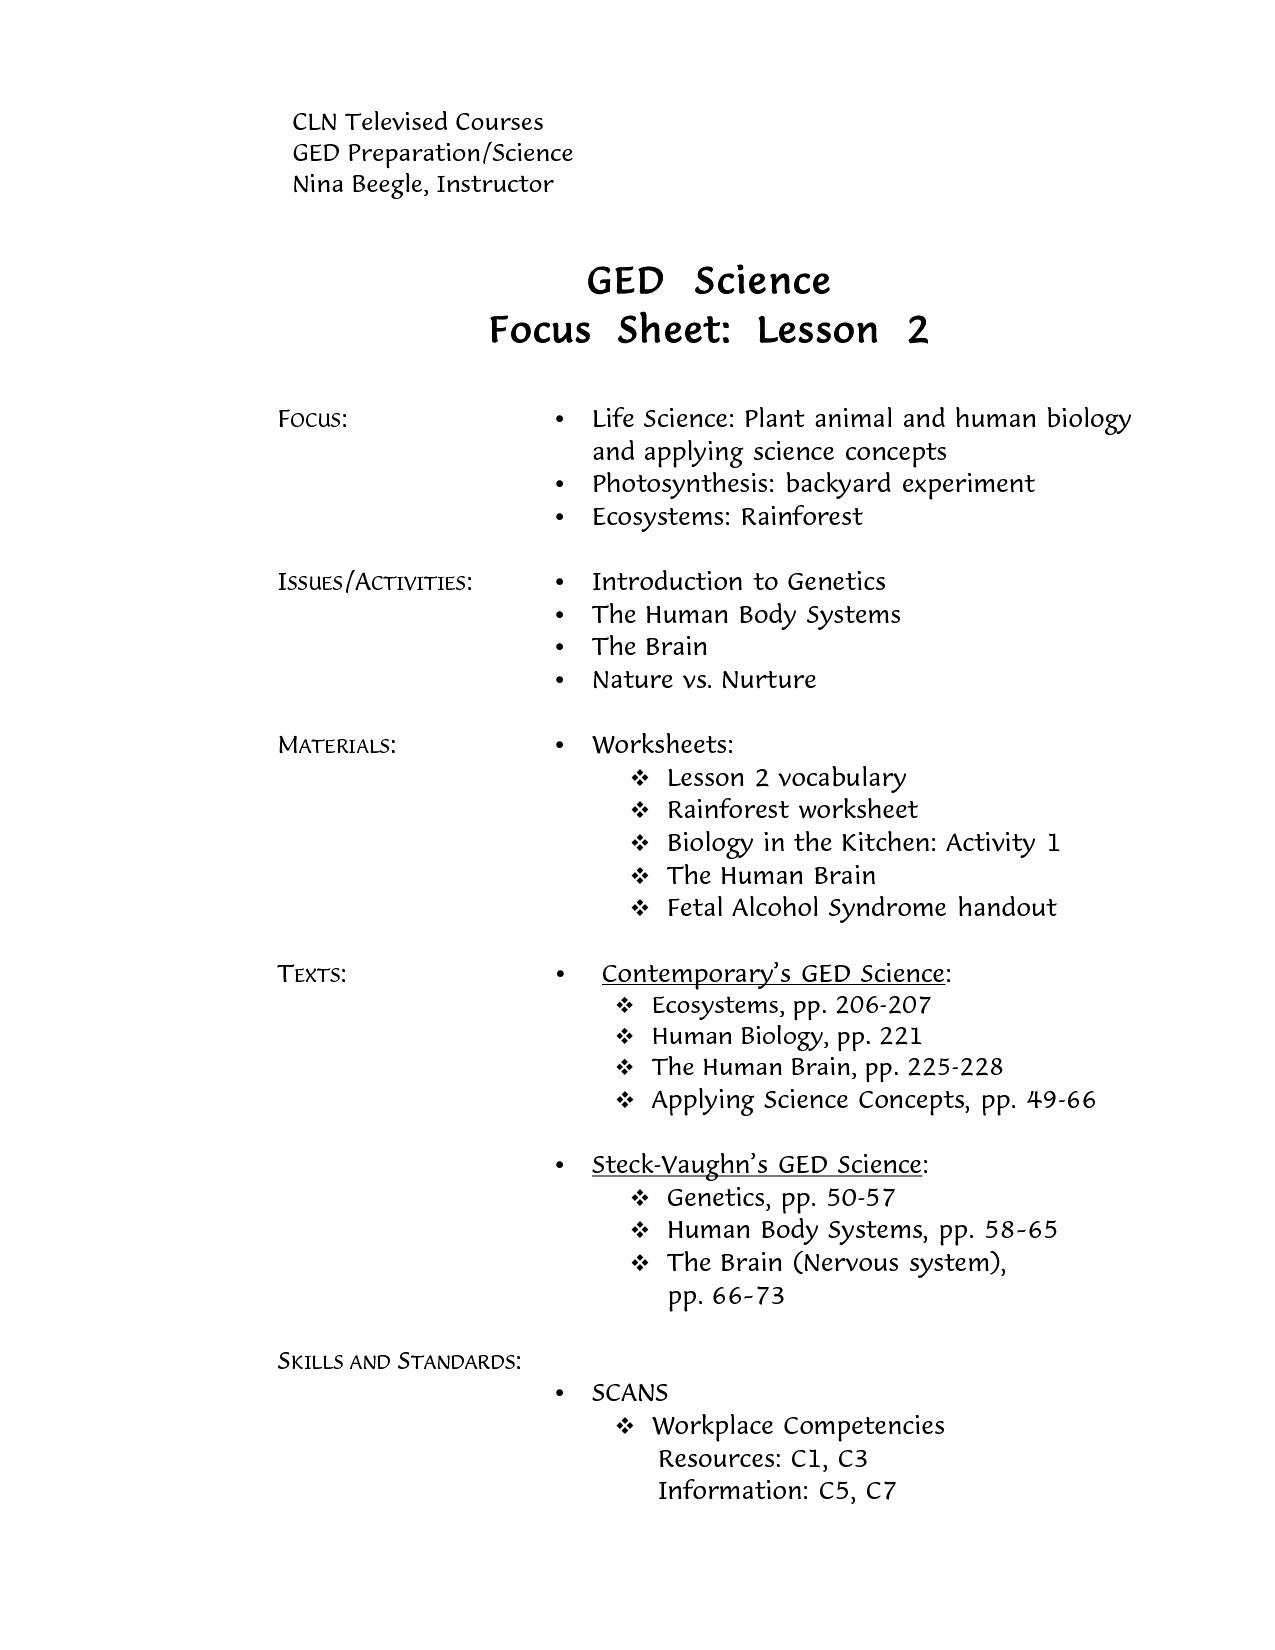 Printable Ged Practice Worksheets Pdf - Happy Living - Free | Free Printable Ged Science Worksheets